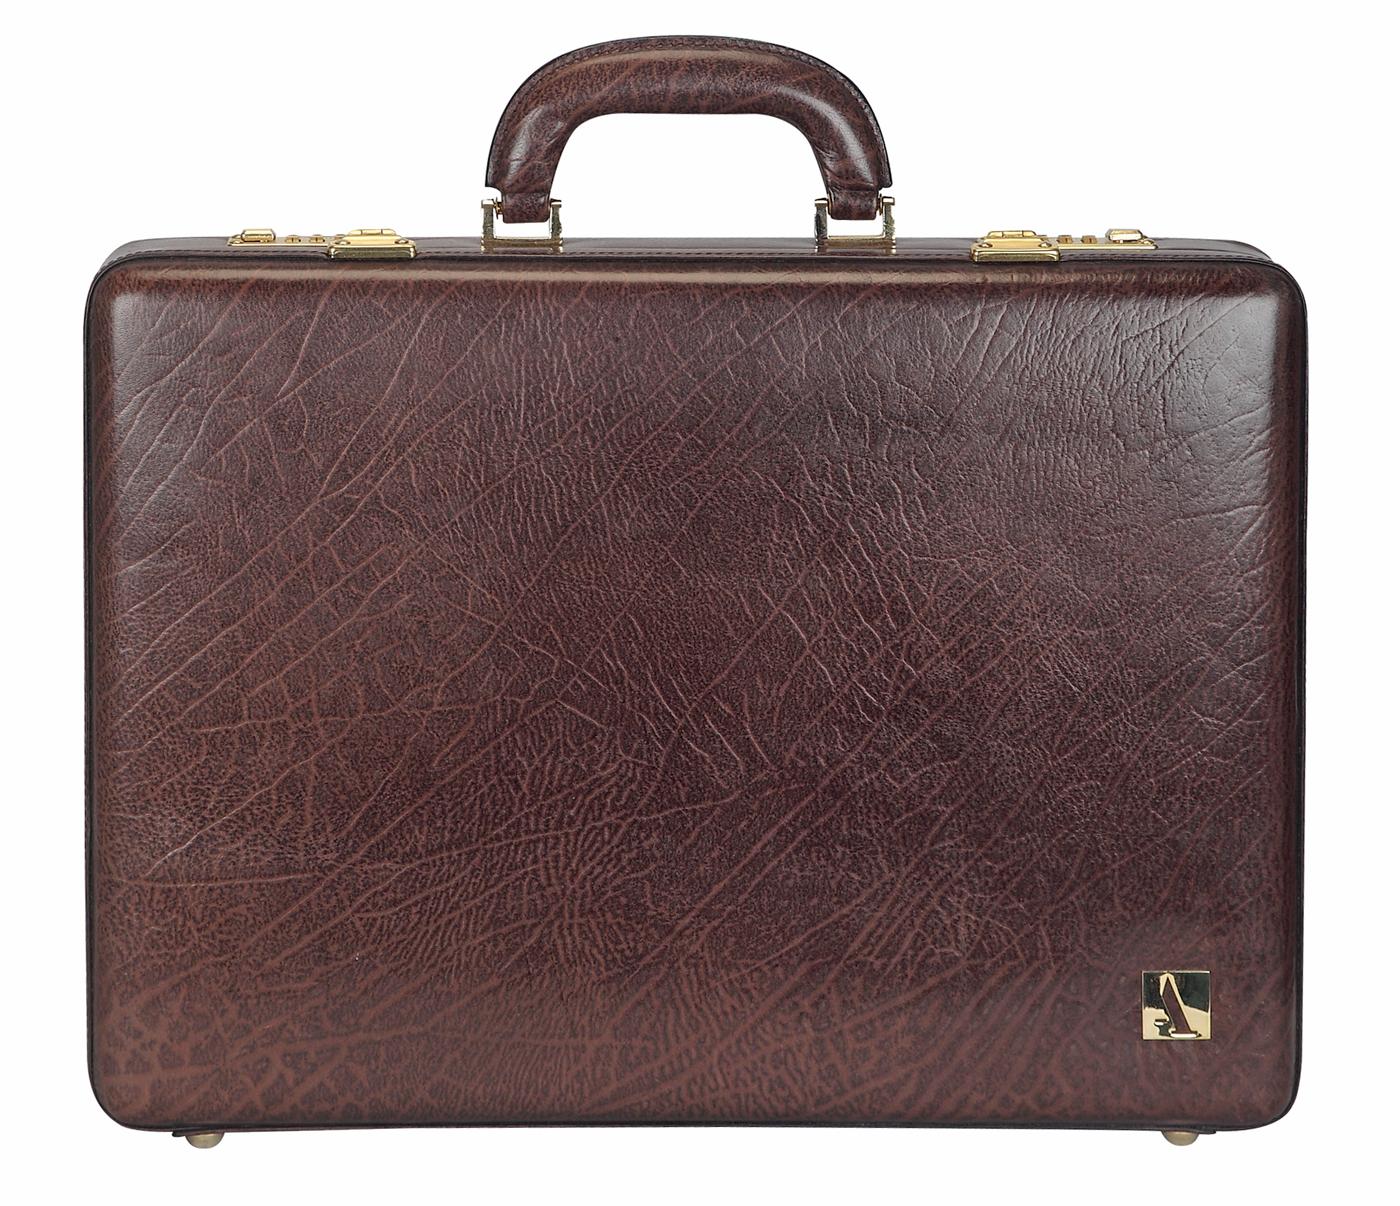 Leather Briefcase / Attache's(Brown)BC14